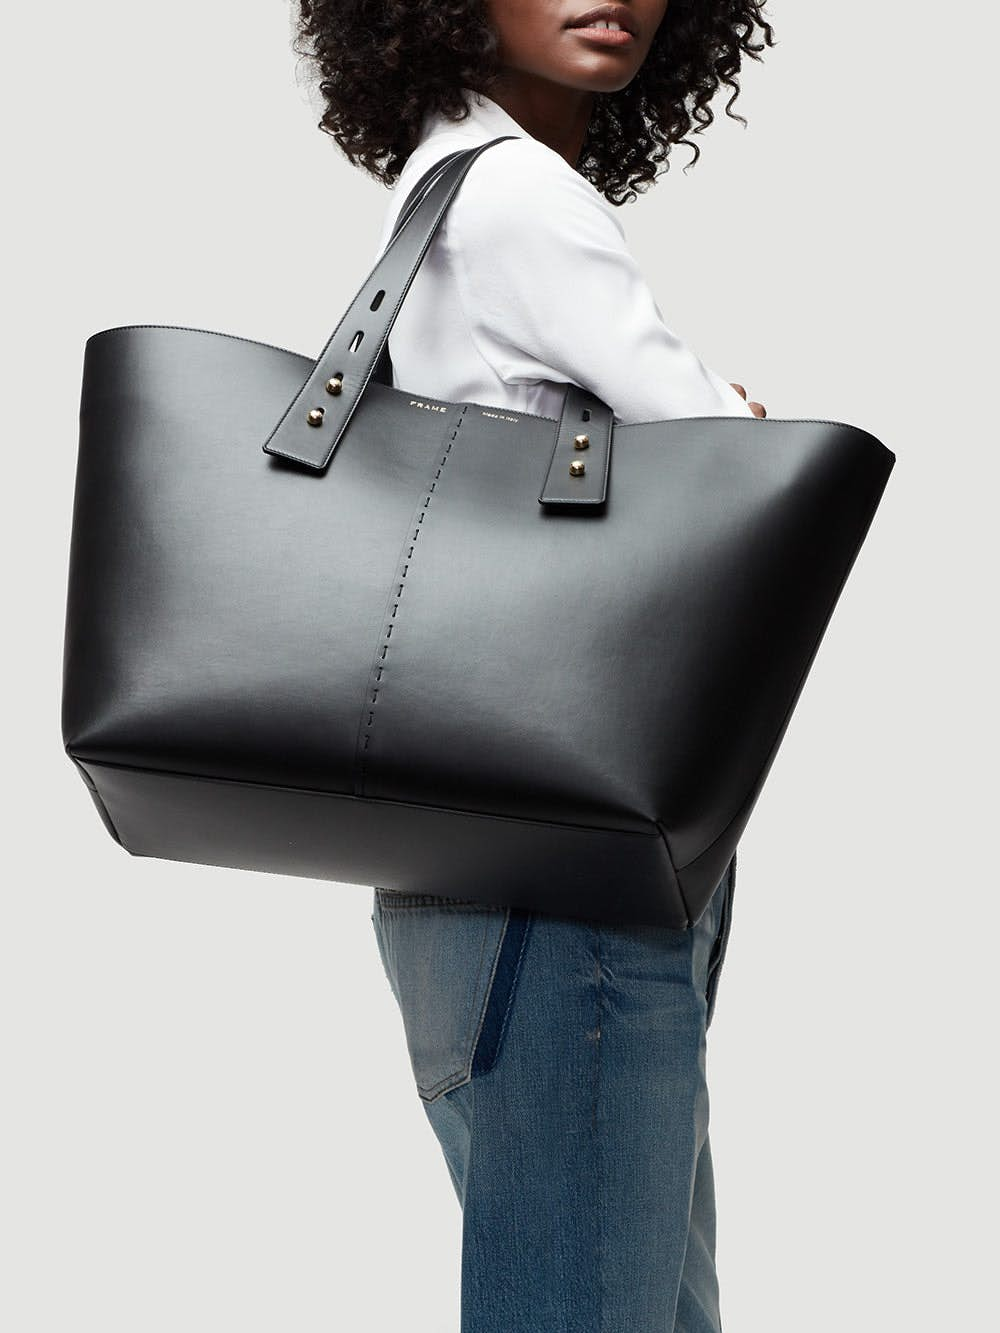 handbag front view alt:hover